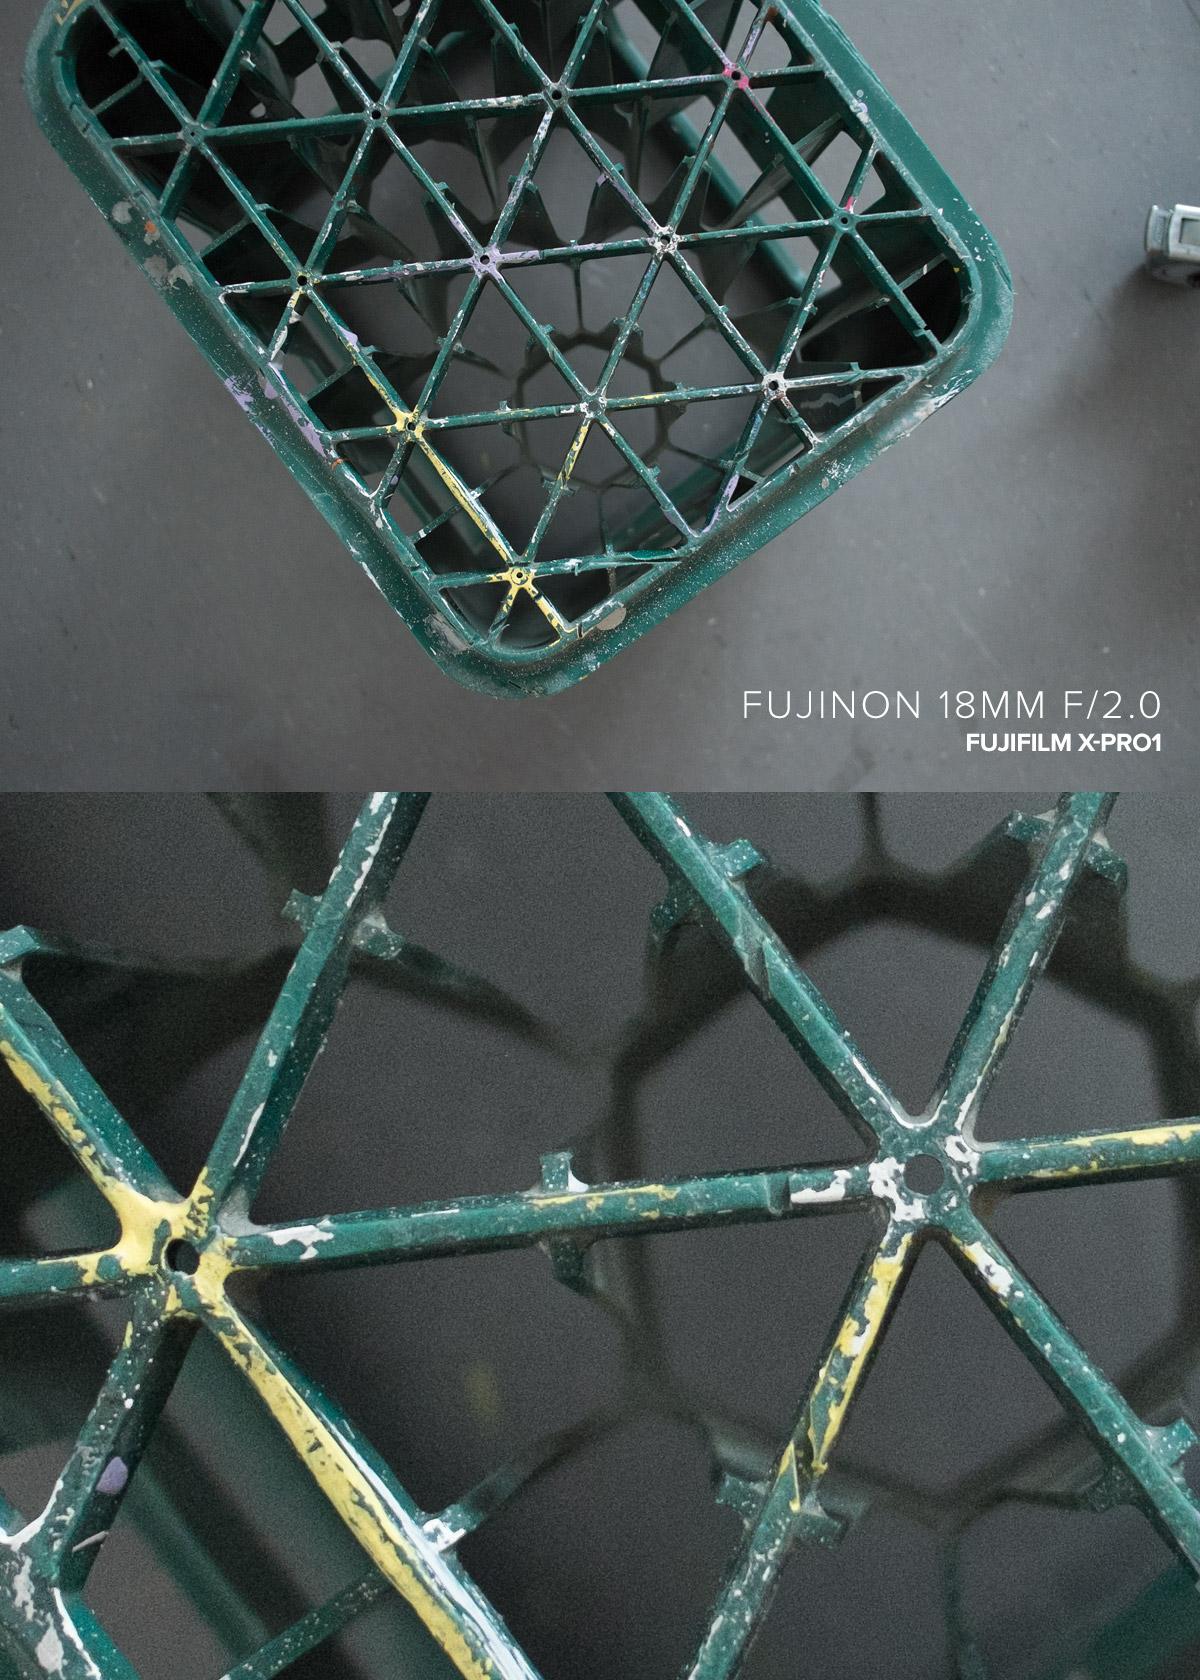 fujinon_18mm_x-pro1.jpg